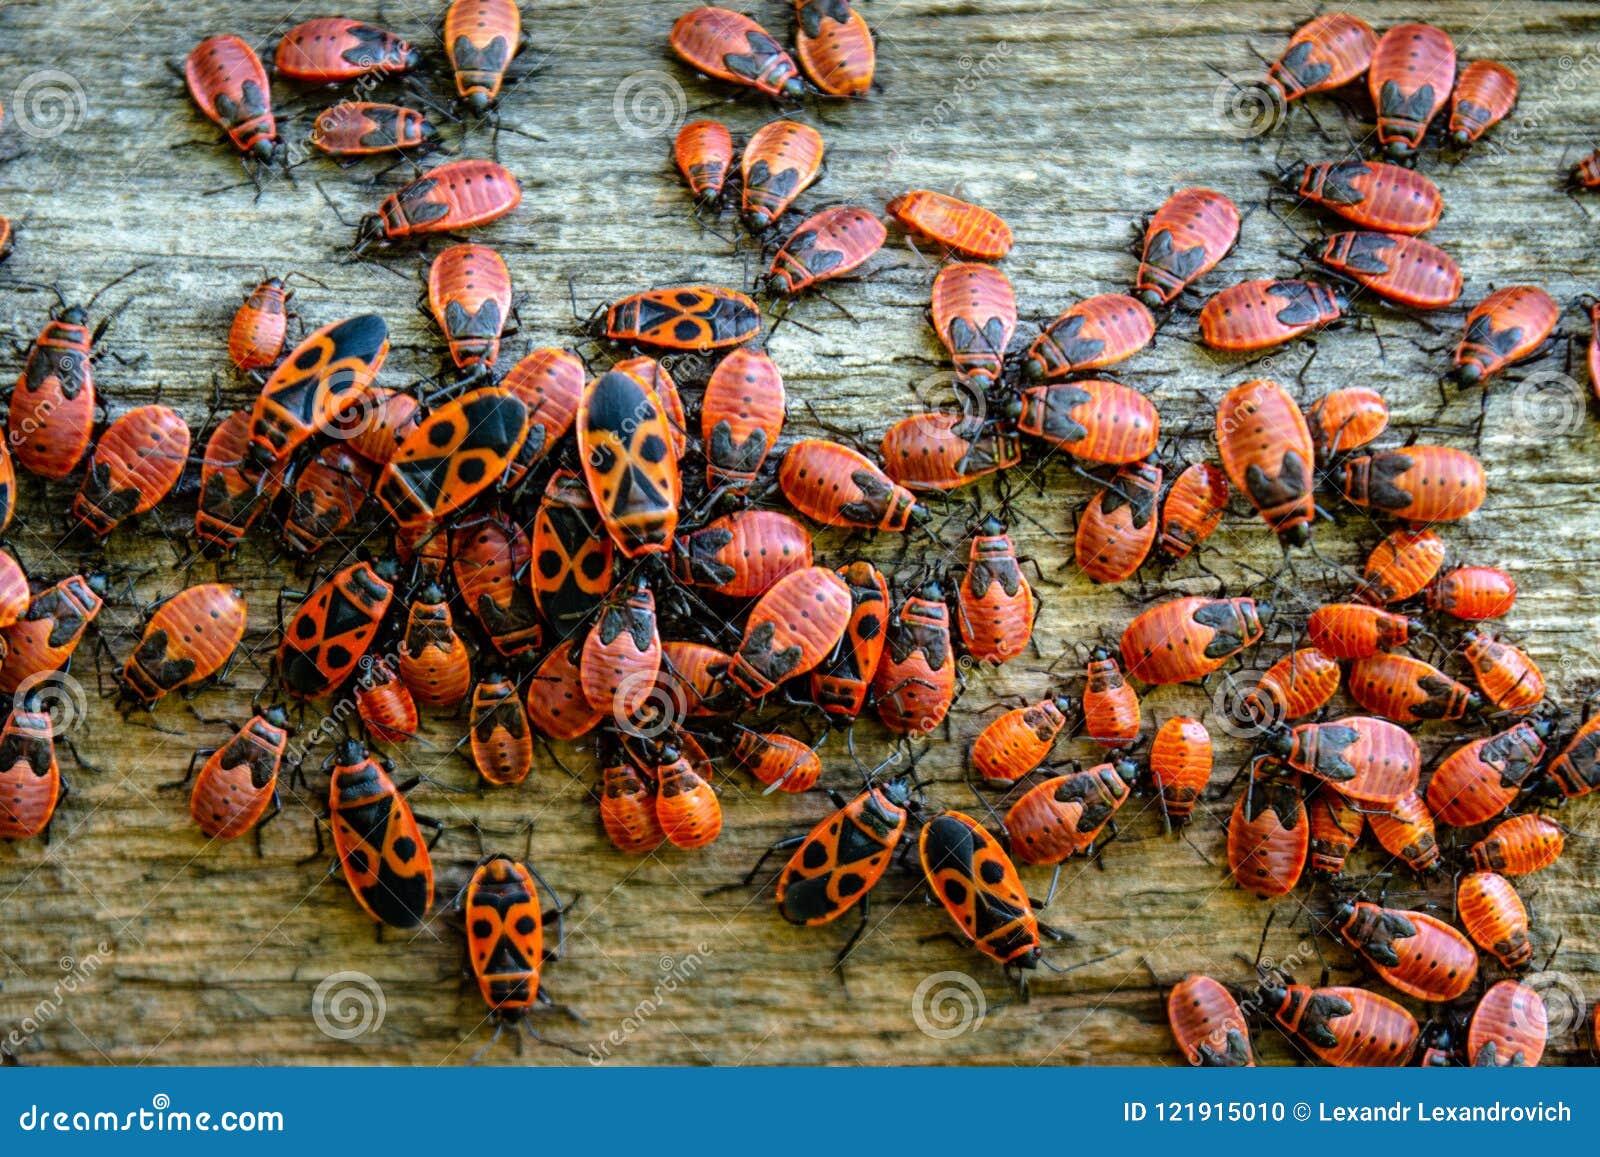 Rot hört die Kolonie ab, die auf dem Bretterzaun während des Sommertages gelegen ist